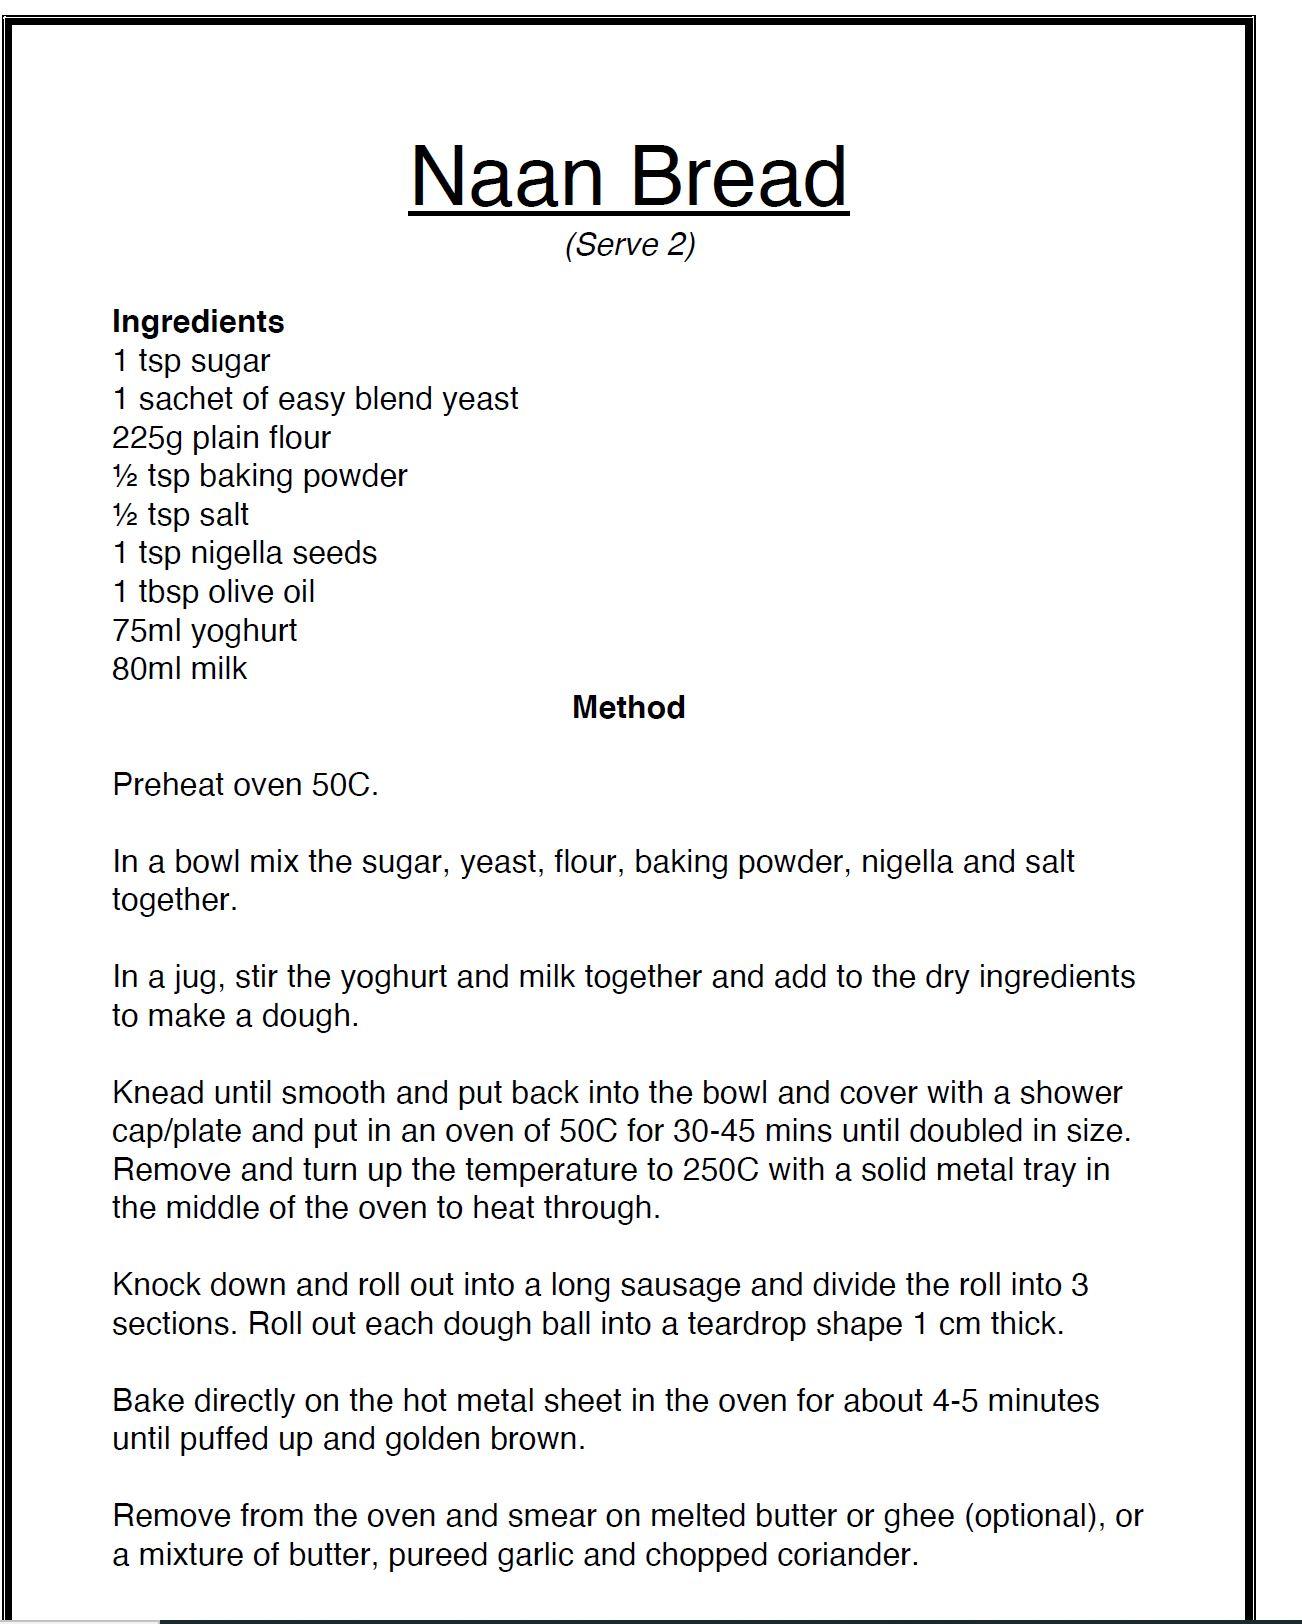 nan bread recipe written in black on white background